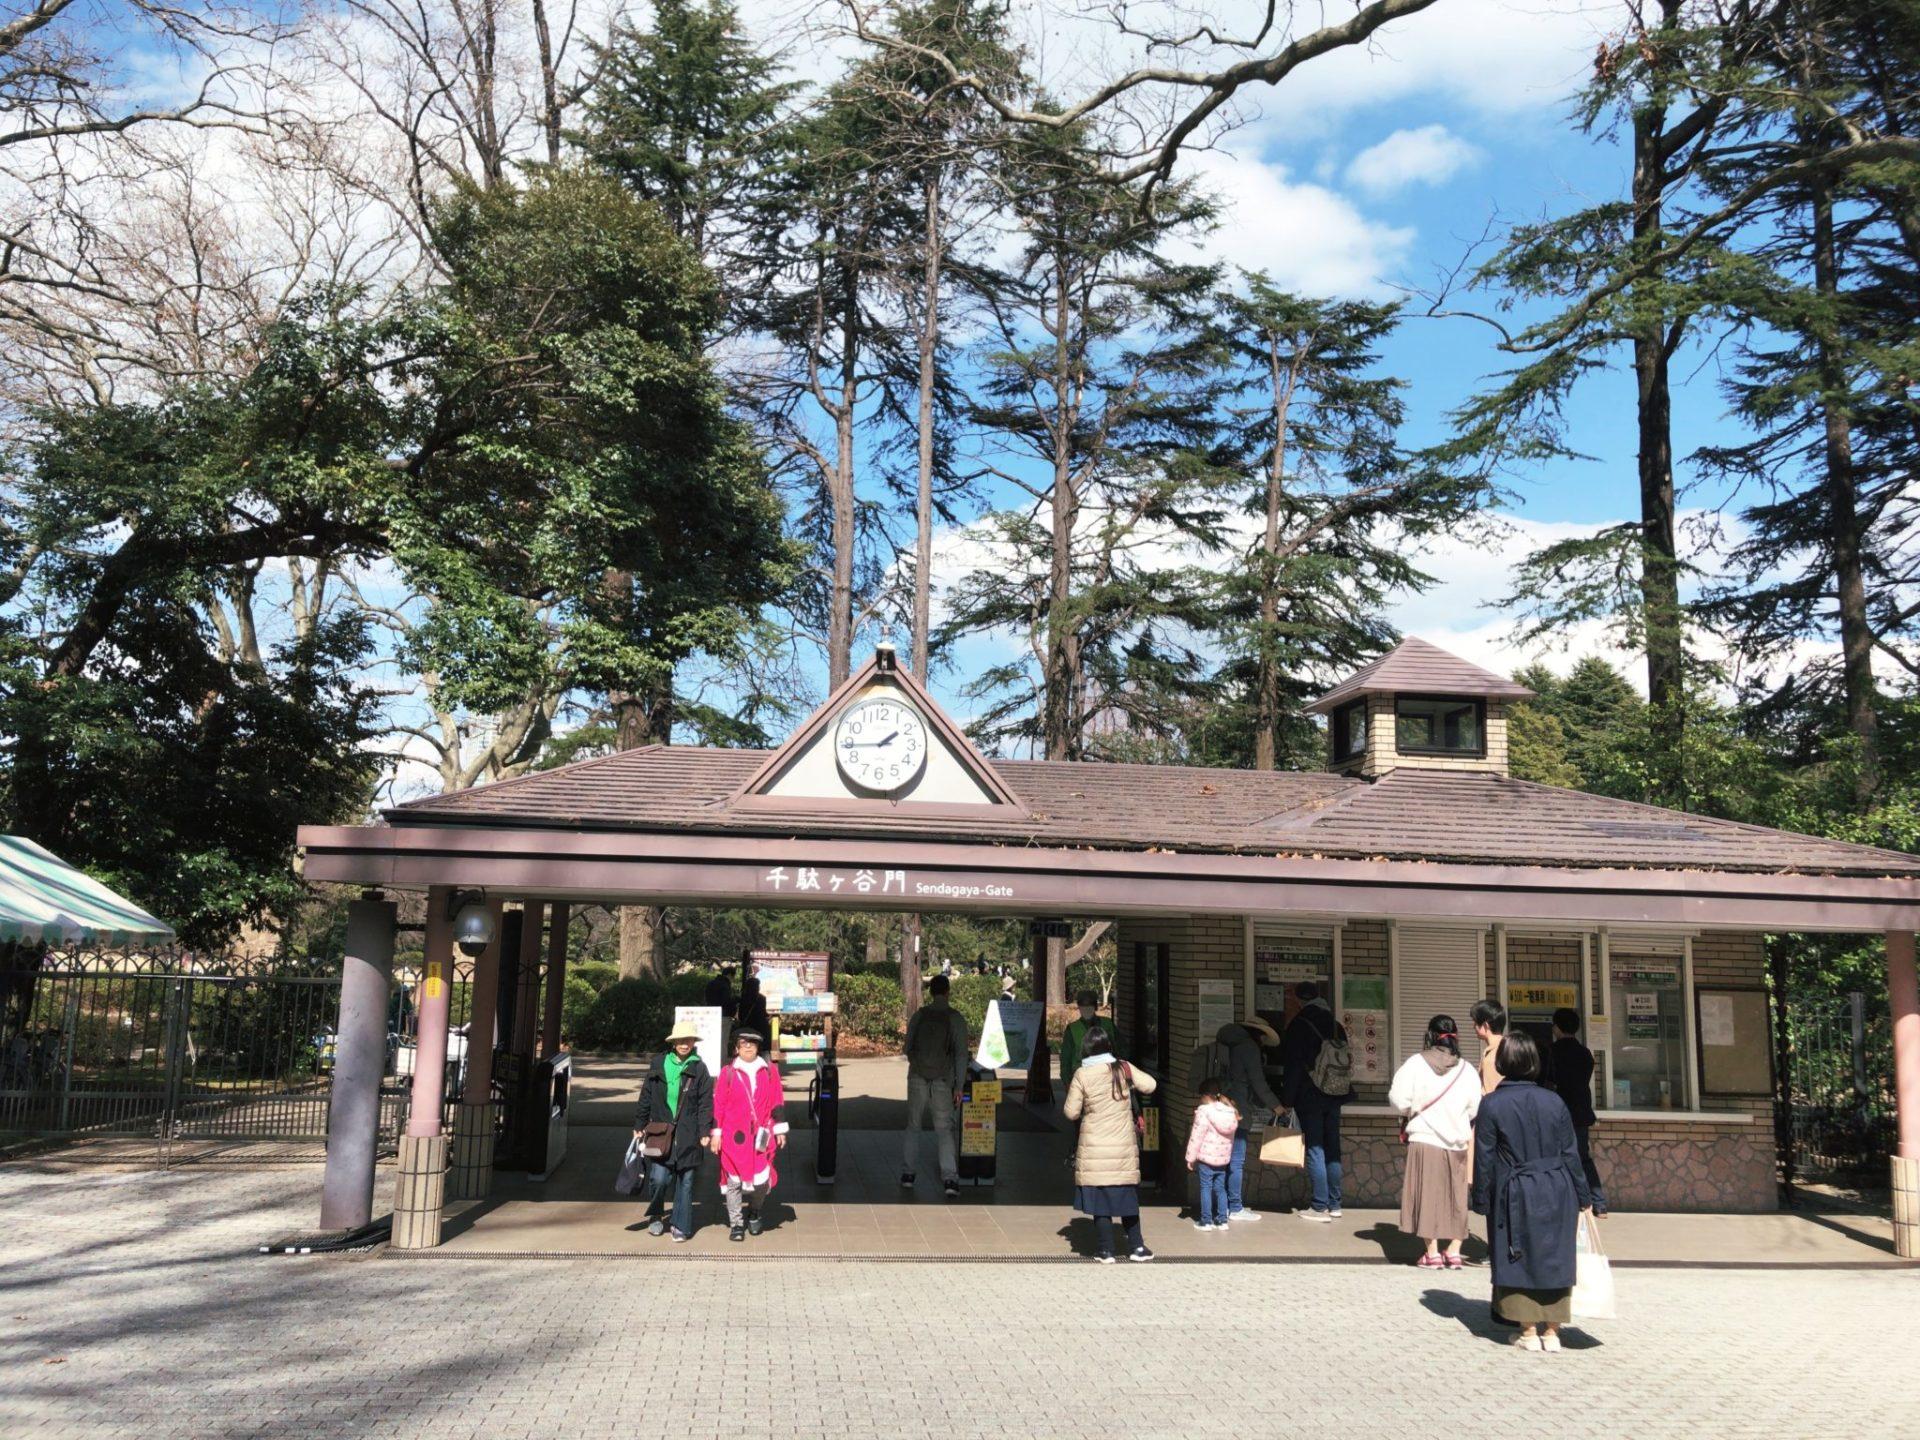 【新宿御苑】お花見は千駄ヶ谷門からアクセスが良い